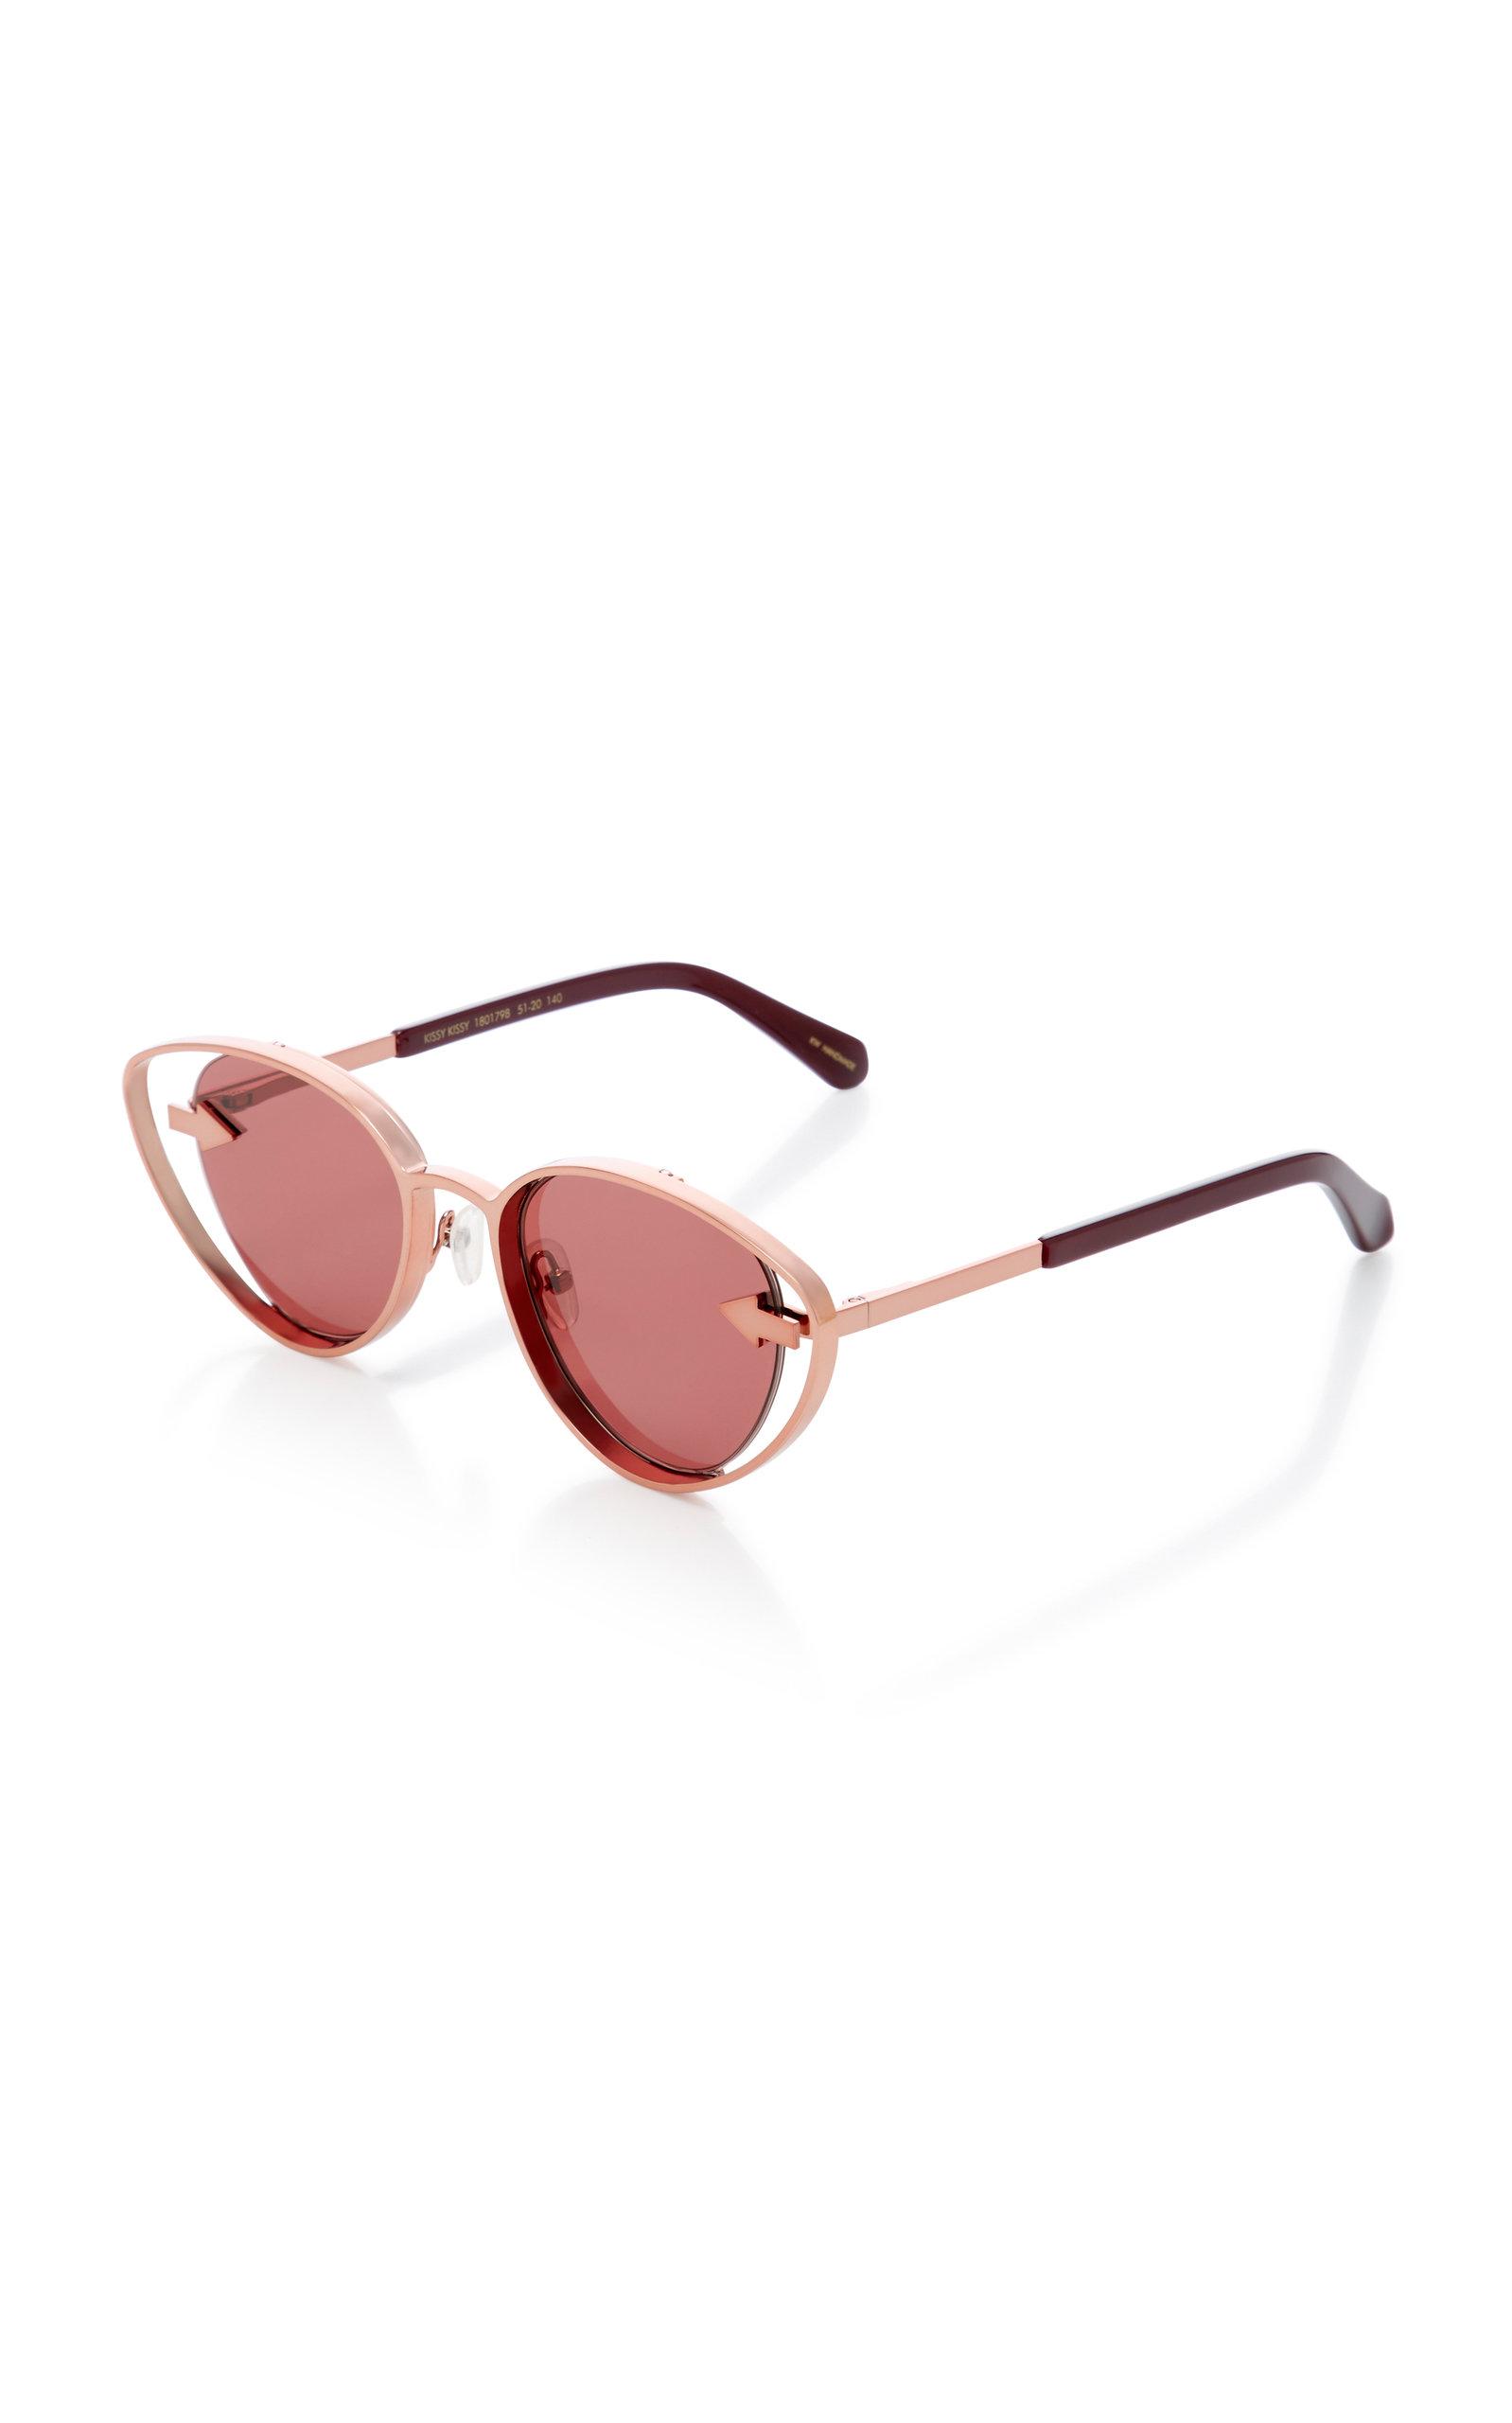 b175fe6e4bc Karen WalkerKissy Kissy Cat-Eye Sunglasses. CLOSE. Loading. Loading